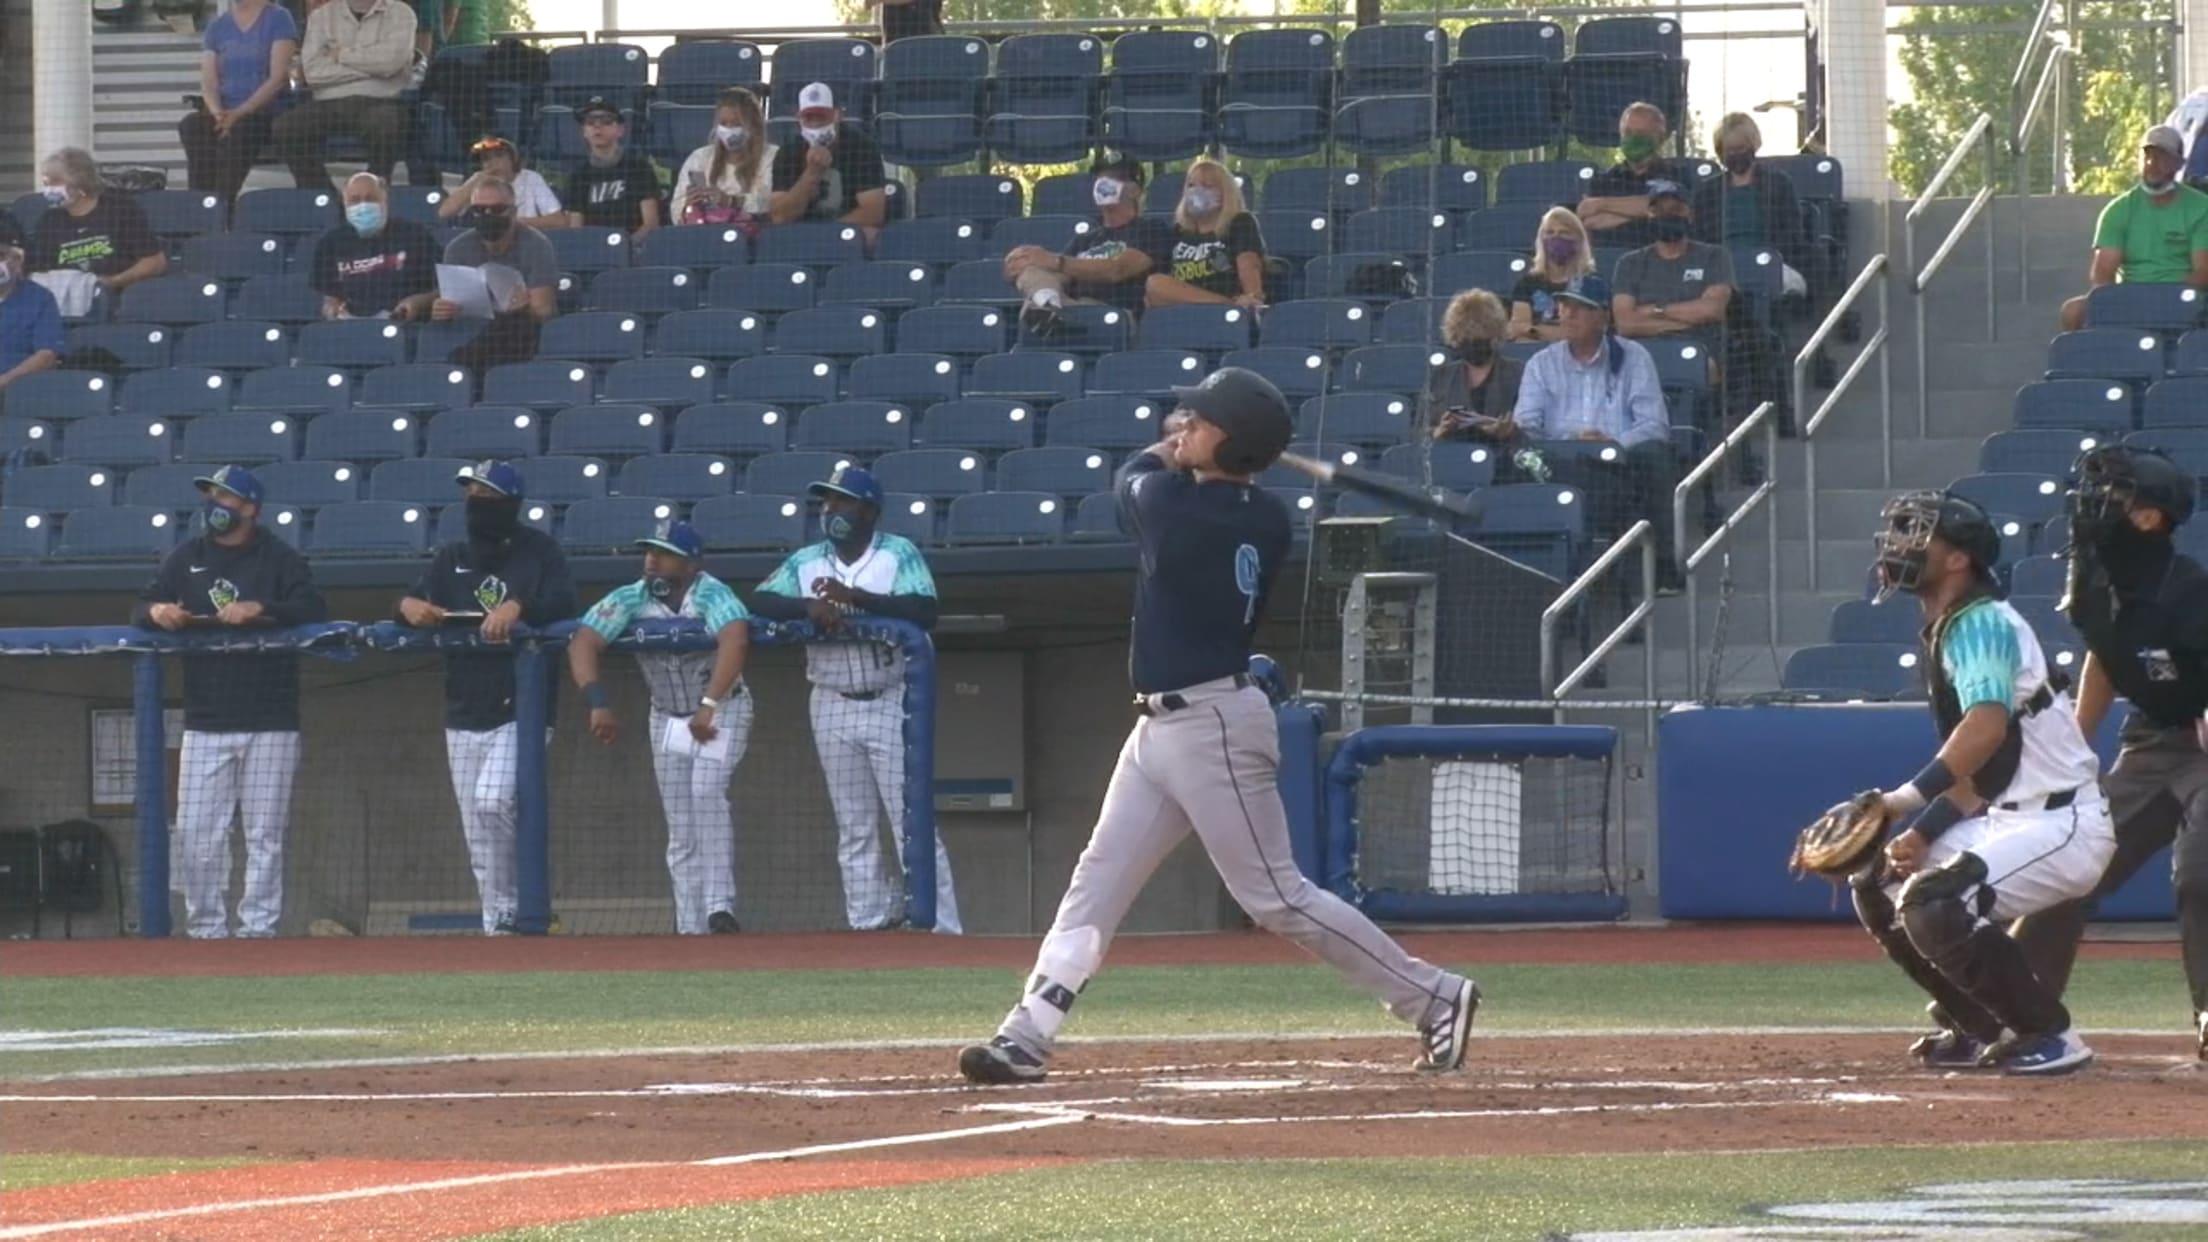 Top Prospects: Zach DeLoach, SEA